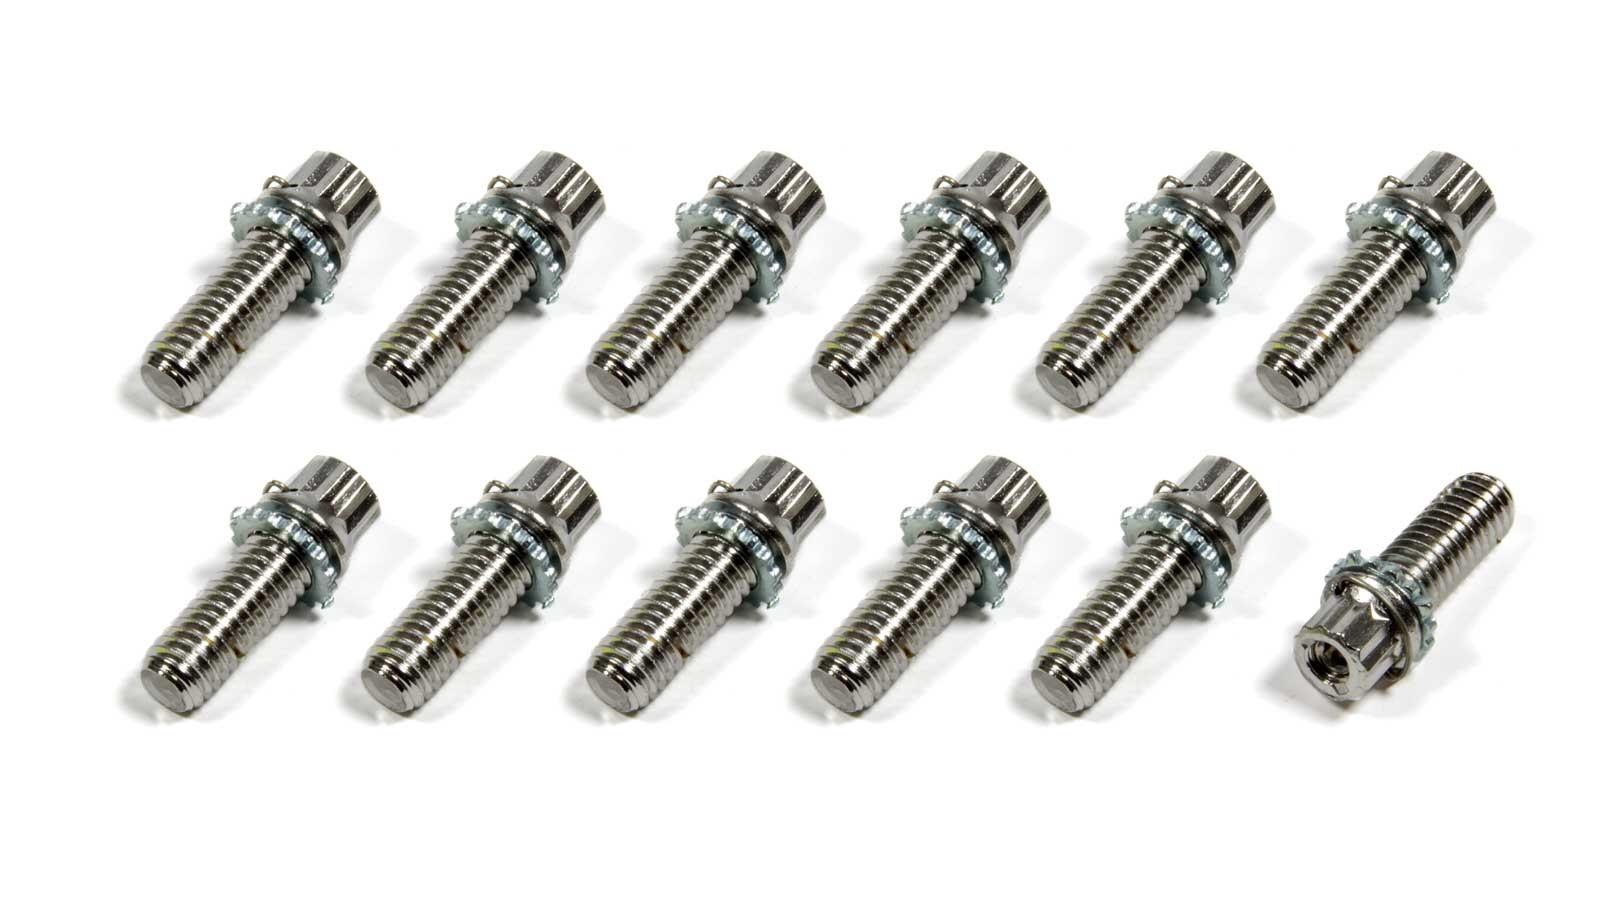 Vibe-Lock SS Bolt Kit 3/8-16 x 1 12pk